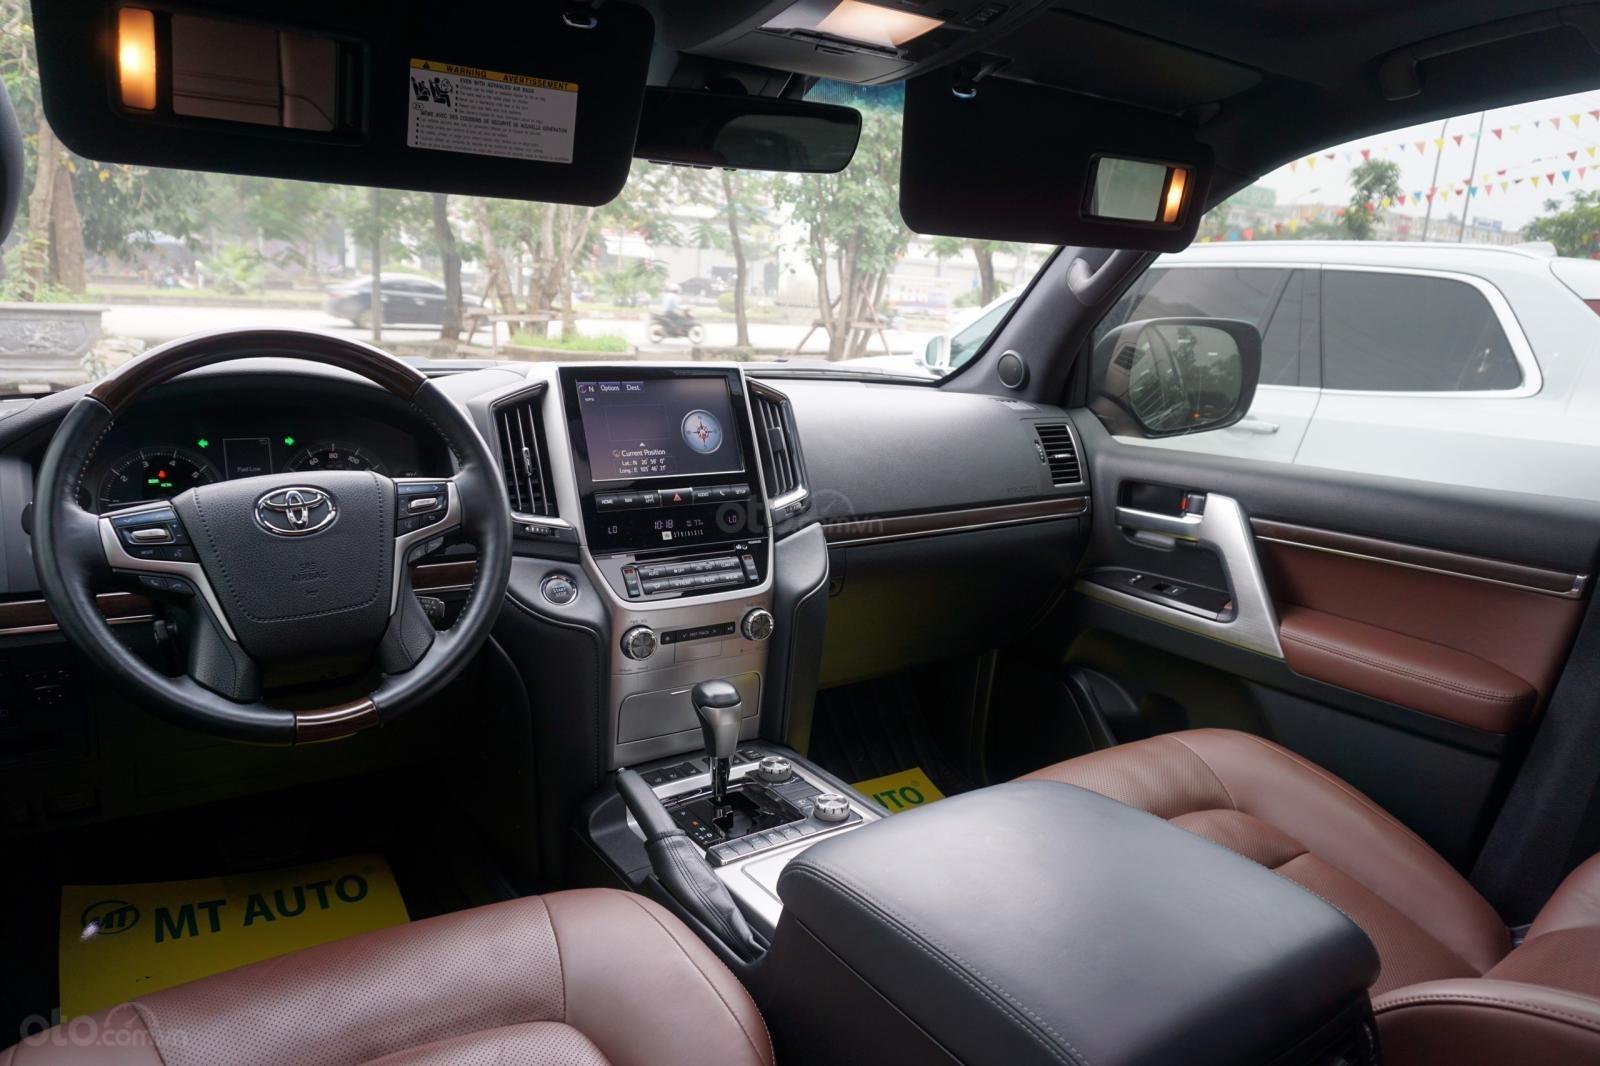 Bán Toyota Land Cruiser 5.7 2015, màu đen, xe nhập Mỹ, LH Ms Hương 094.539.2468 (23)